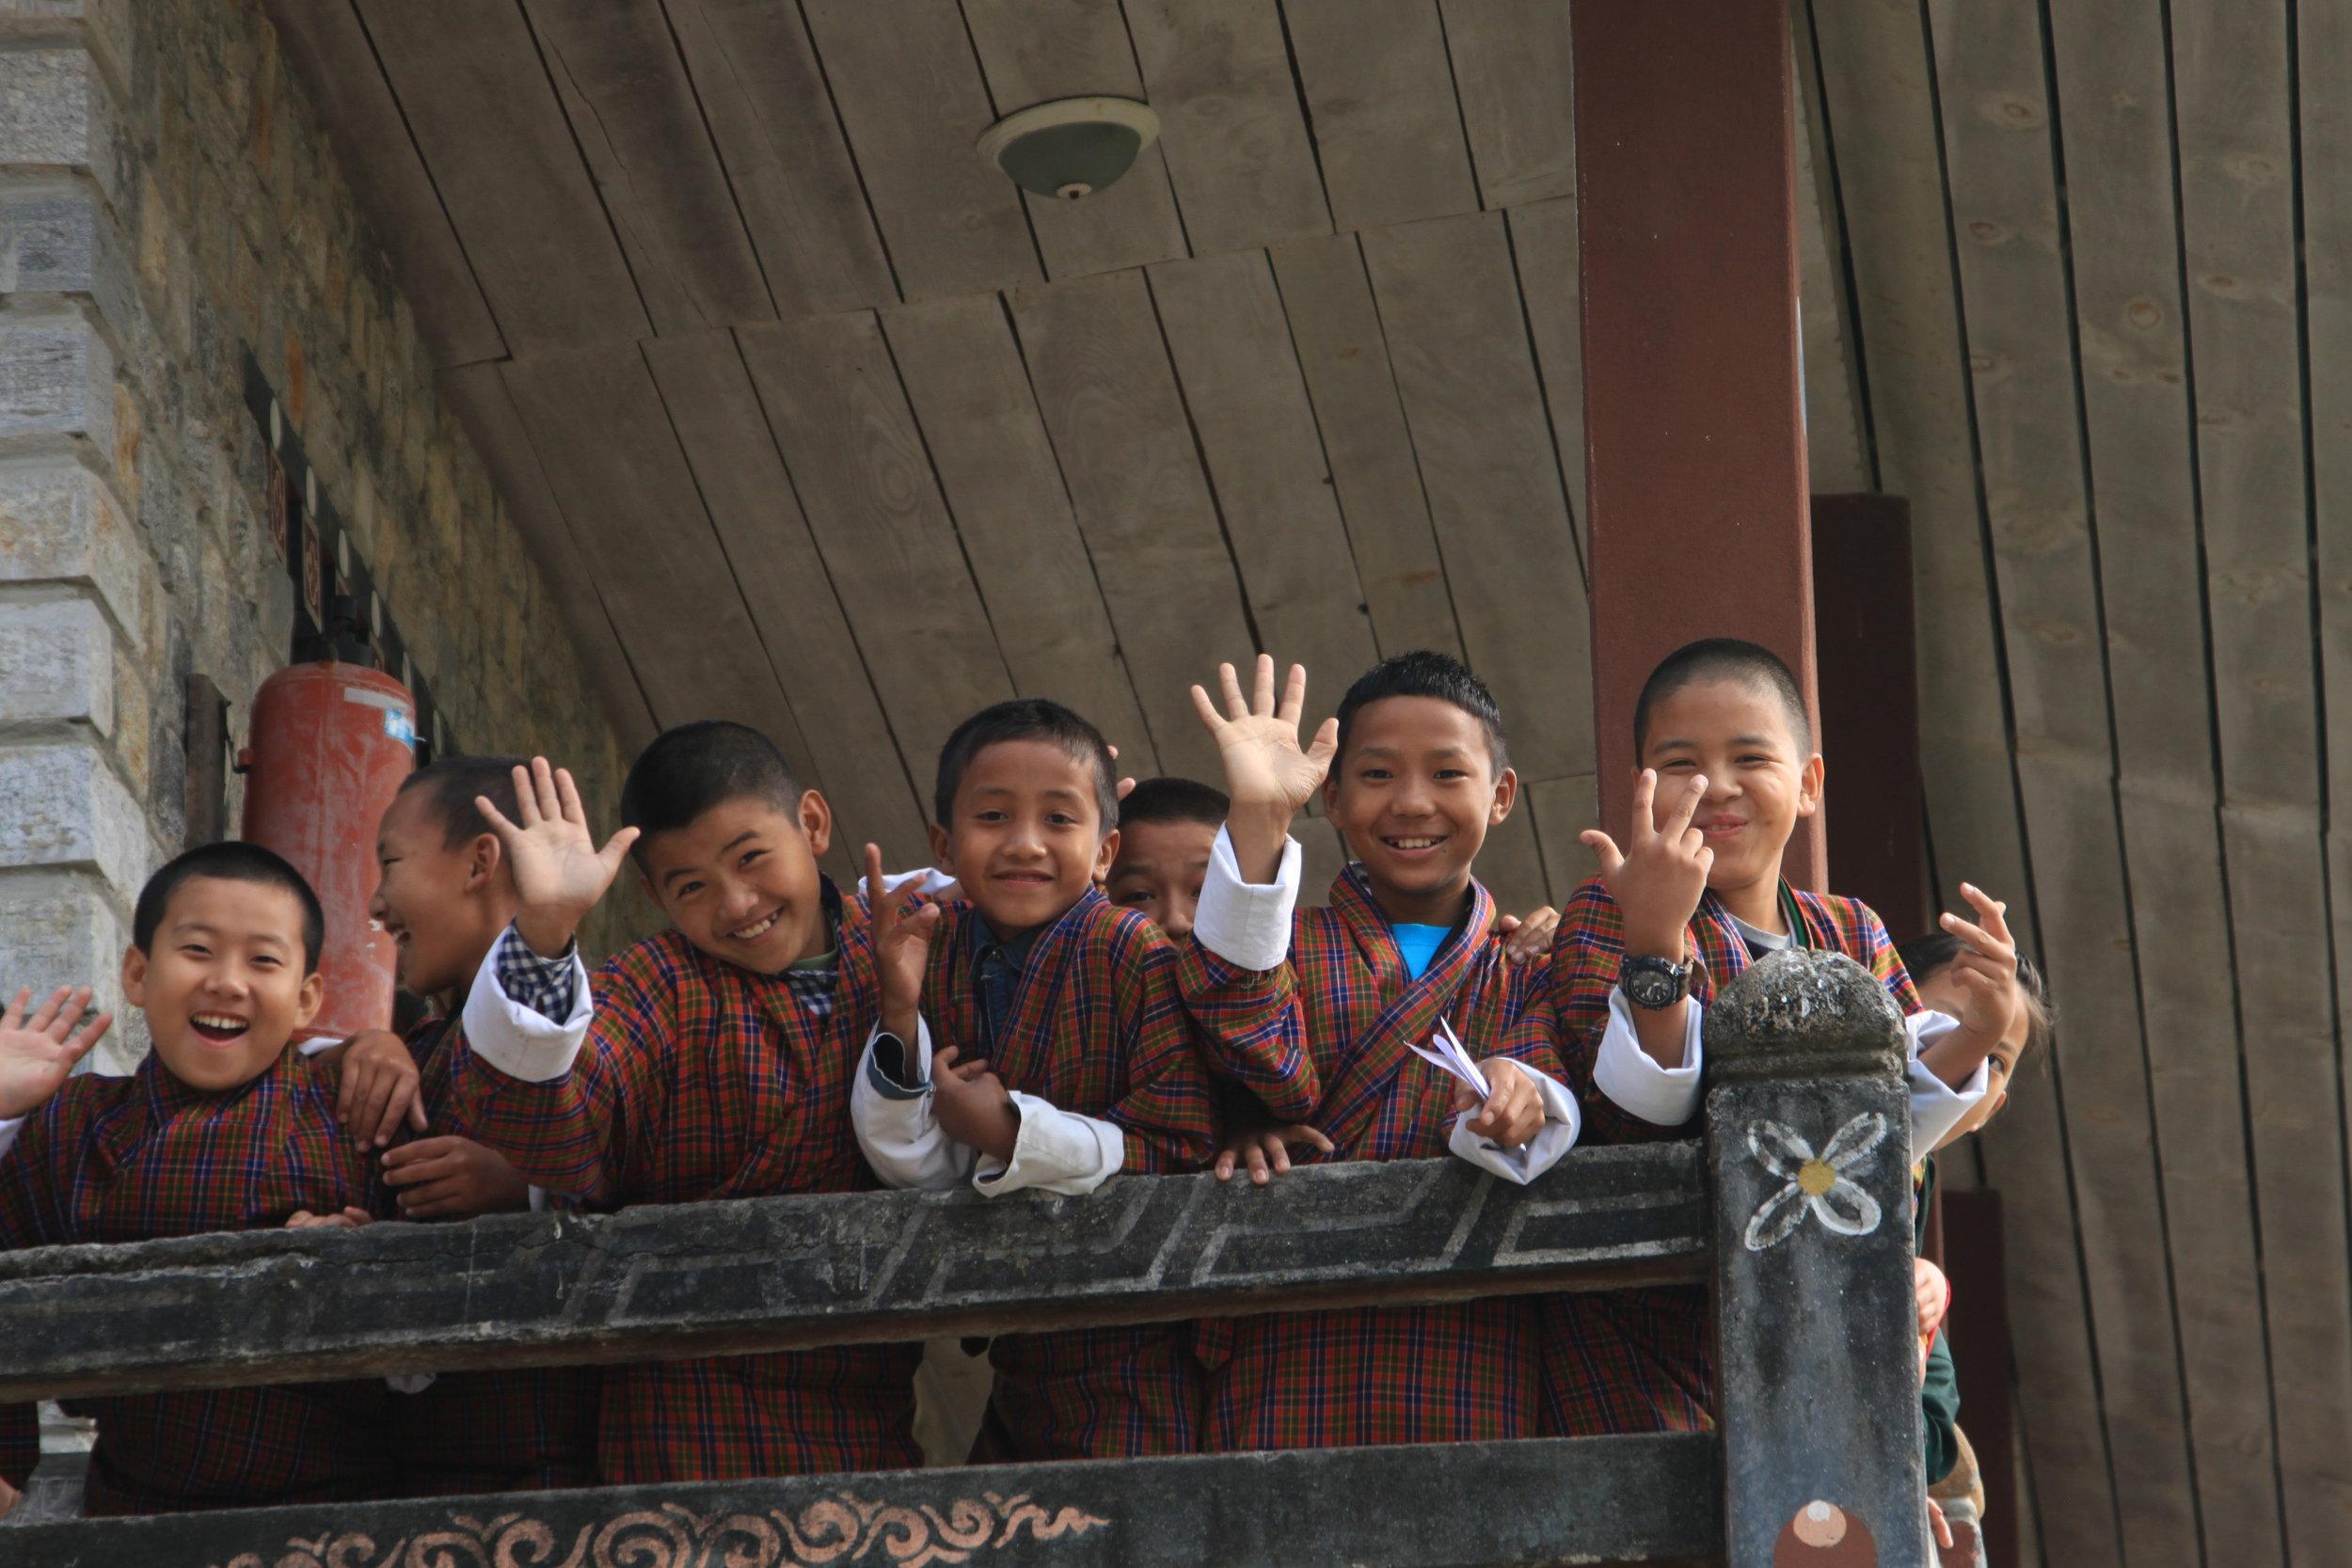 School children at a school in Bhutan